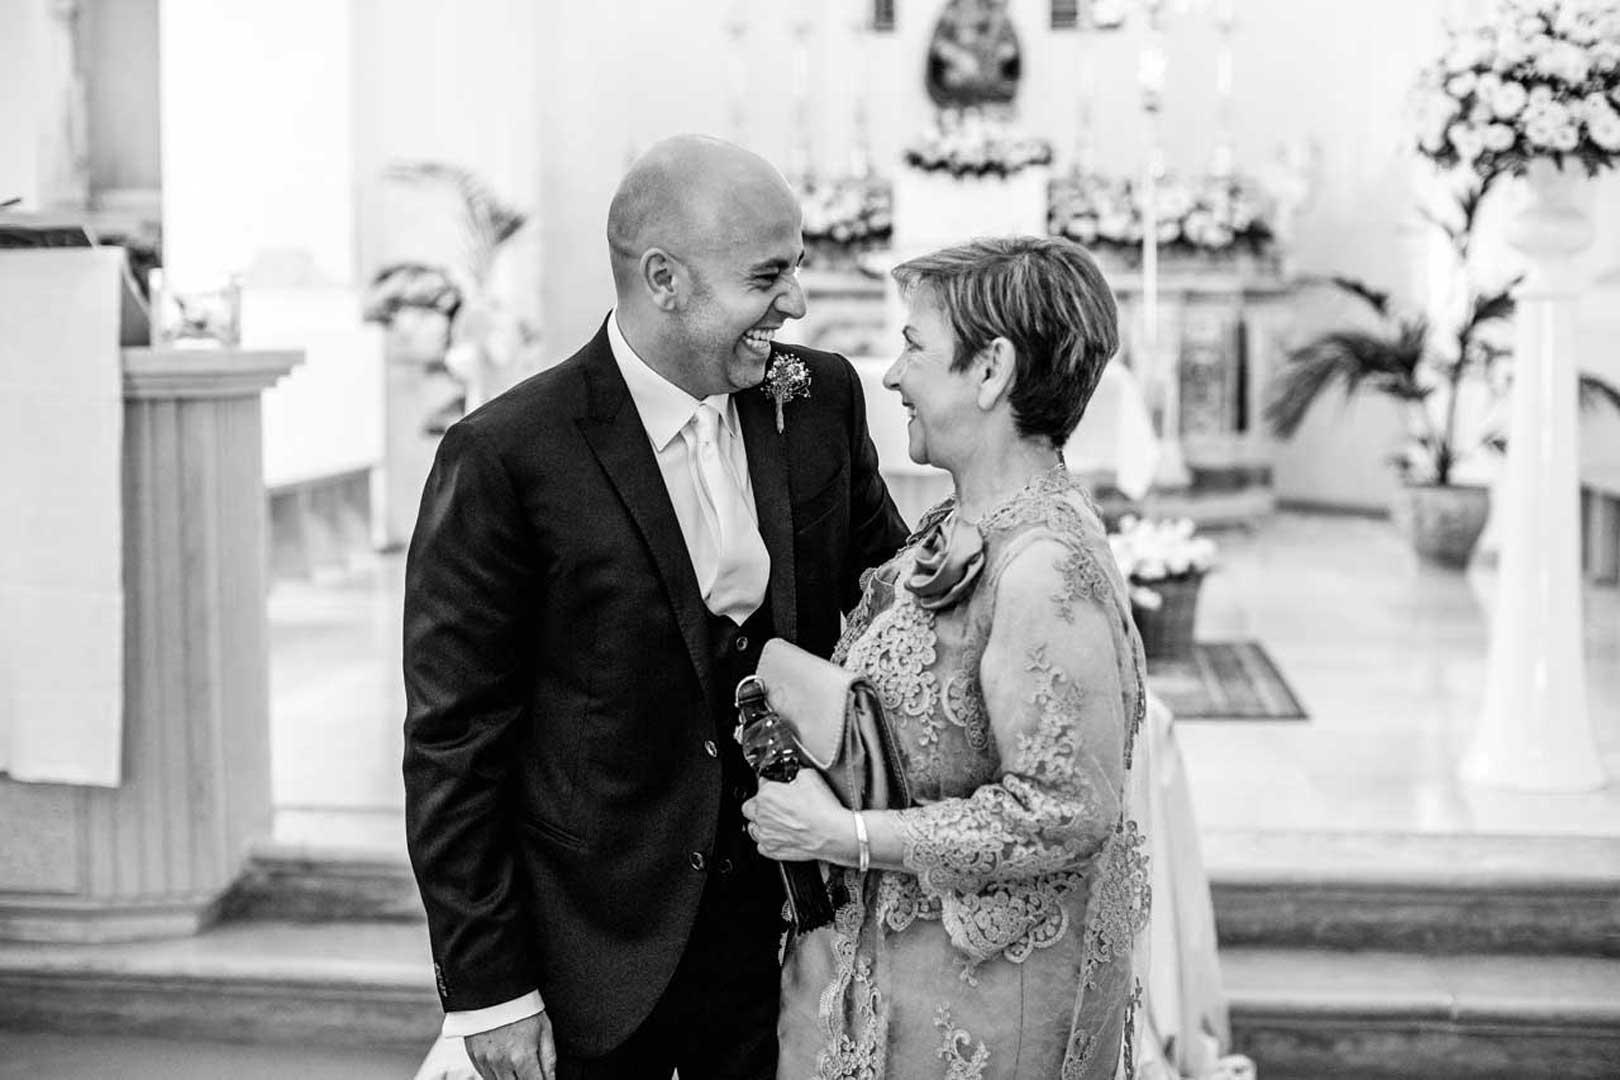 016-matrimonio-gianni-lepore-wedding-photograpger